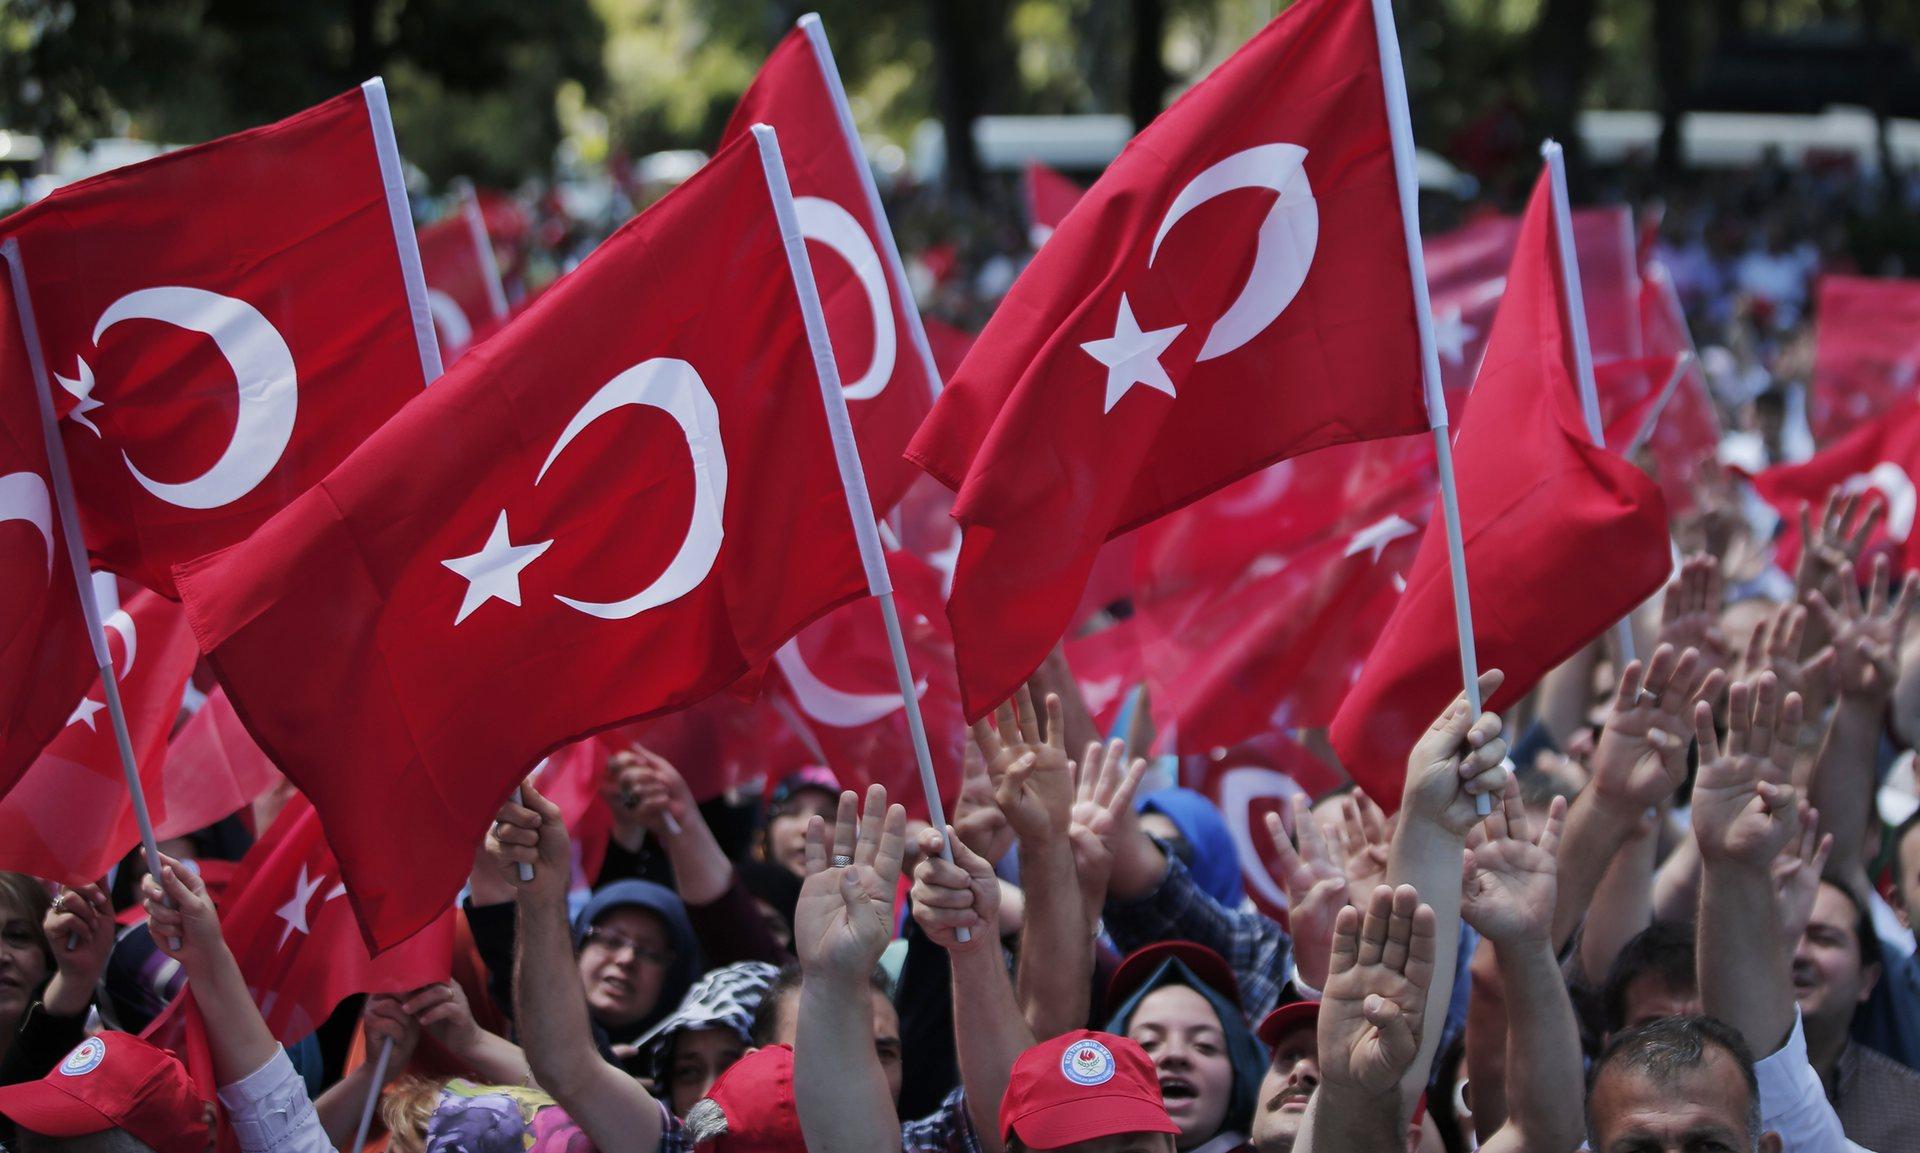 Turska: Najmanje 45.000 ljudi uhapšeno, otpušteno i suspendovano